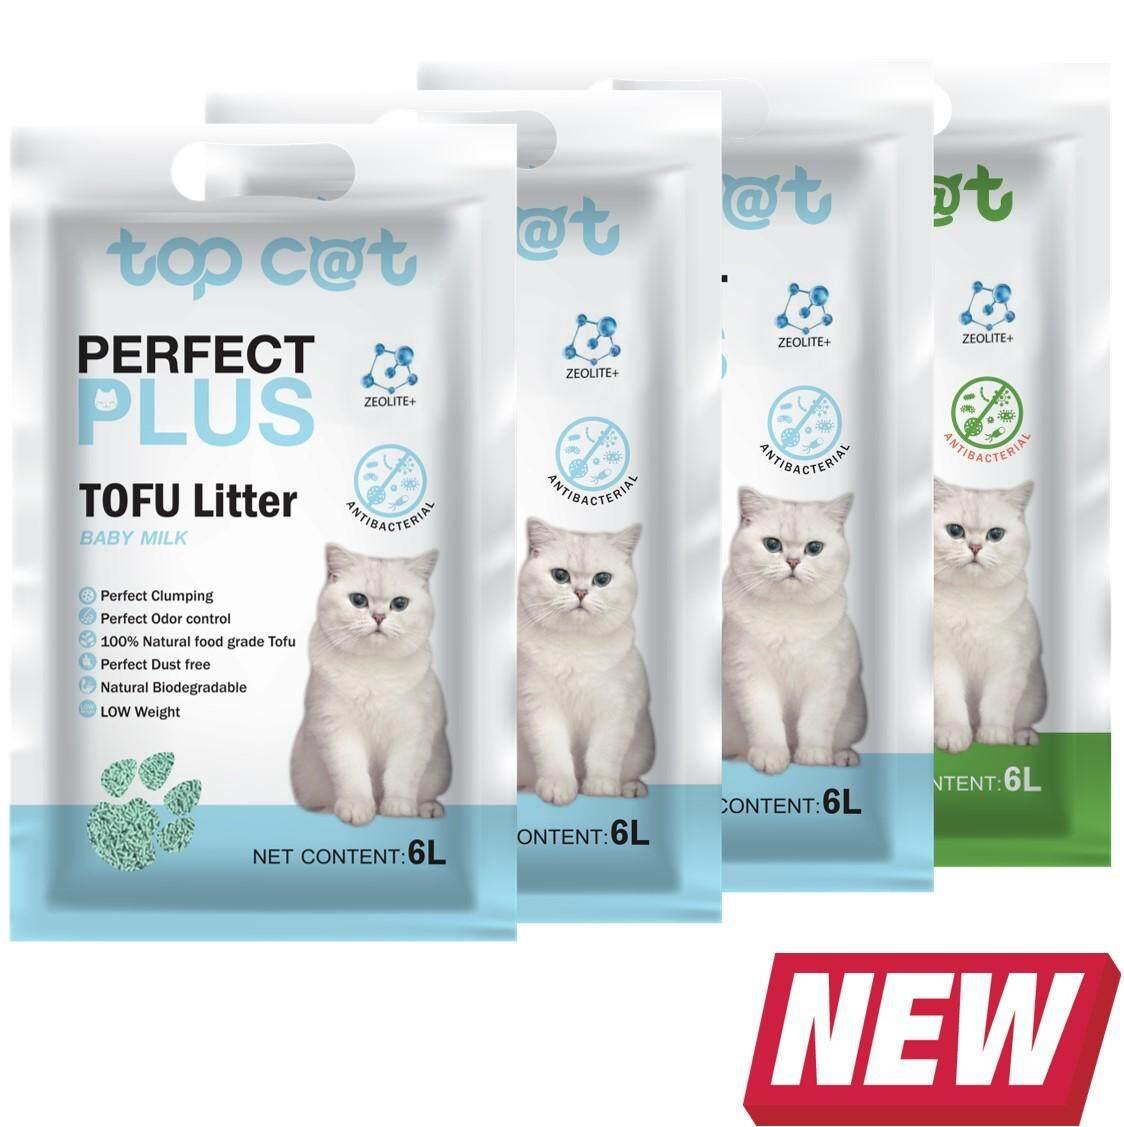 ทรายแมวเต้าหู้ Topcat Perfect Plus 6l กลิ่น Baby Milk 3 ถุง Greentea 1ถุง By Topcat.